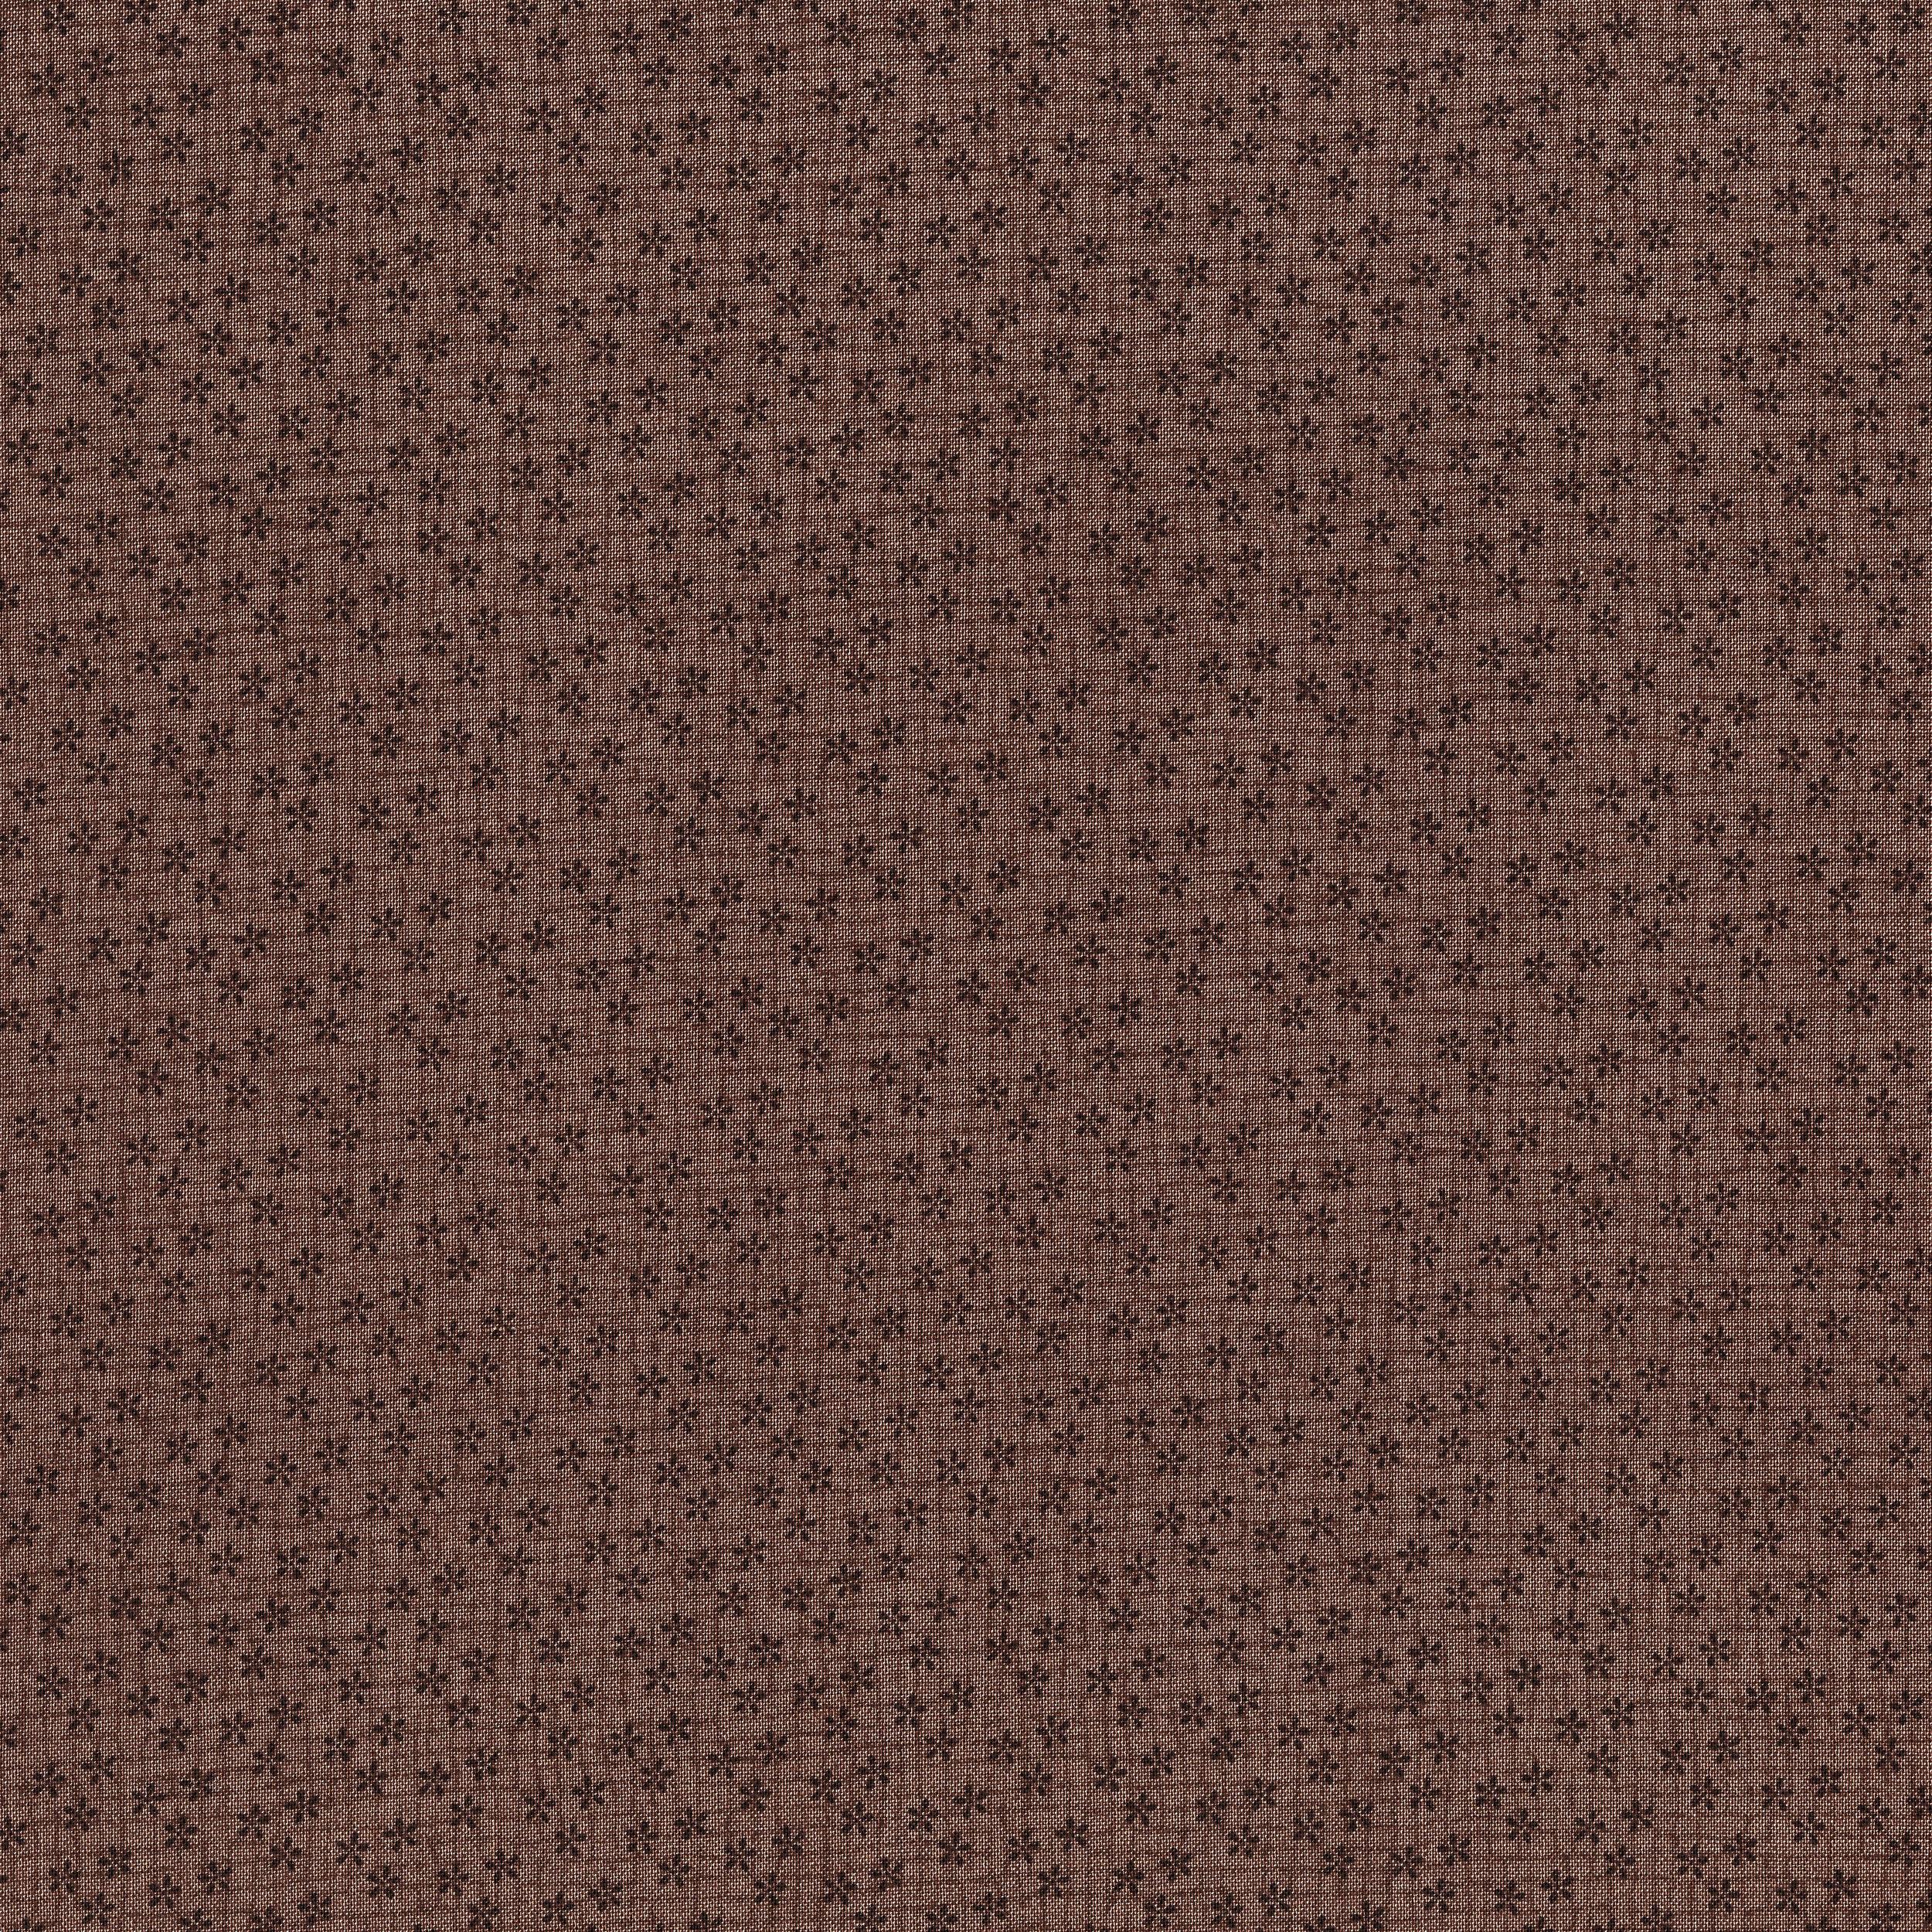 3203-003 SEASIDE DAISIES-PEBBLES